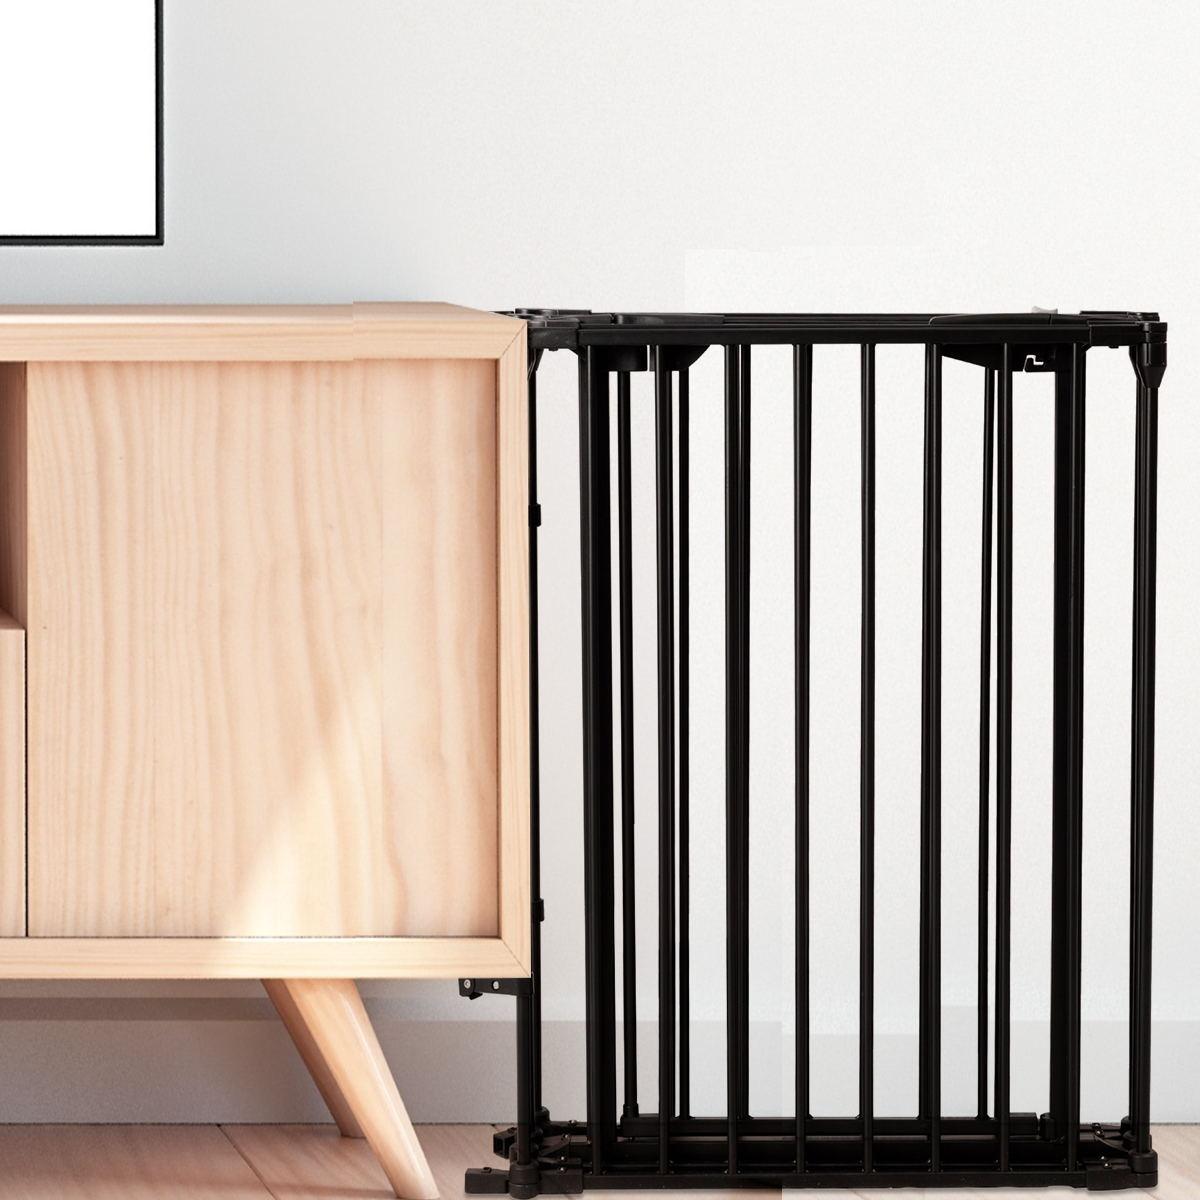 6 Panel Metal Gate Baby Pet Fence Safe Playpen Barrier-Black